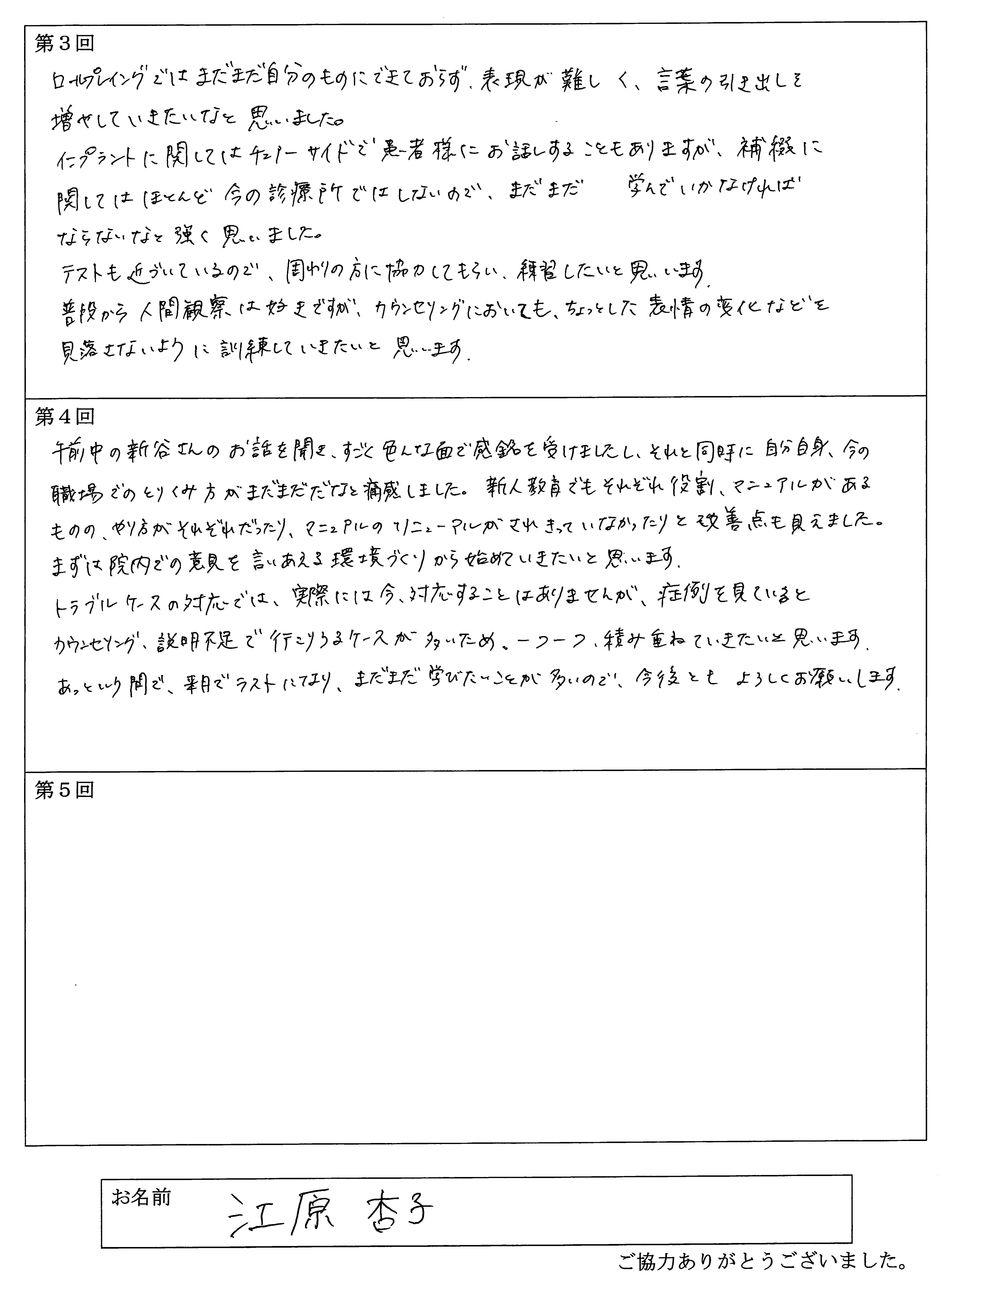 江原 杏子様アンケート